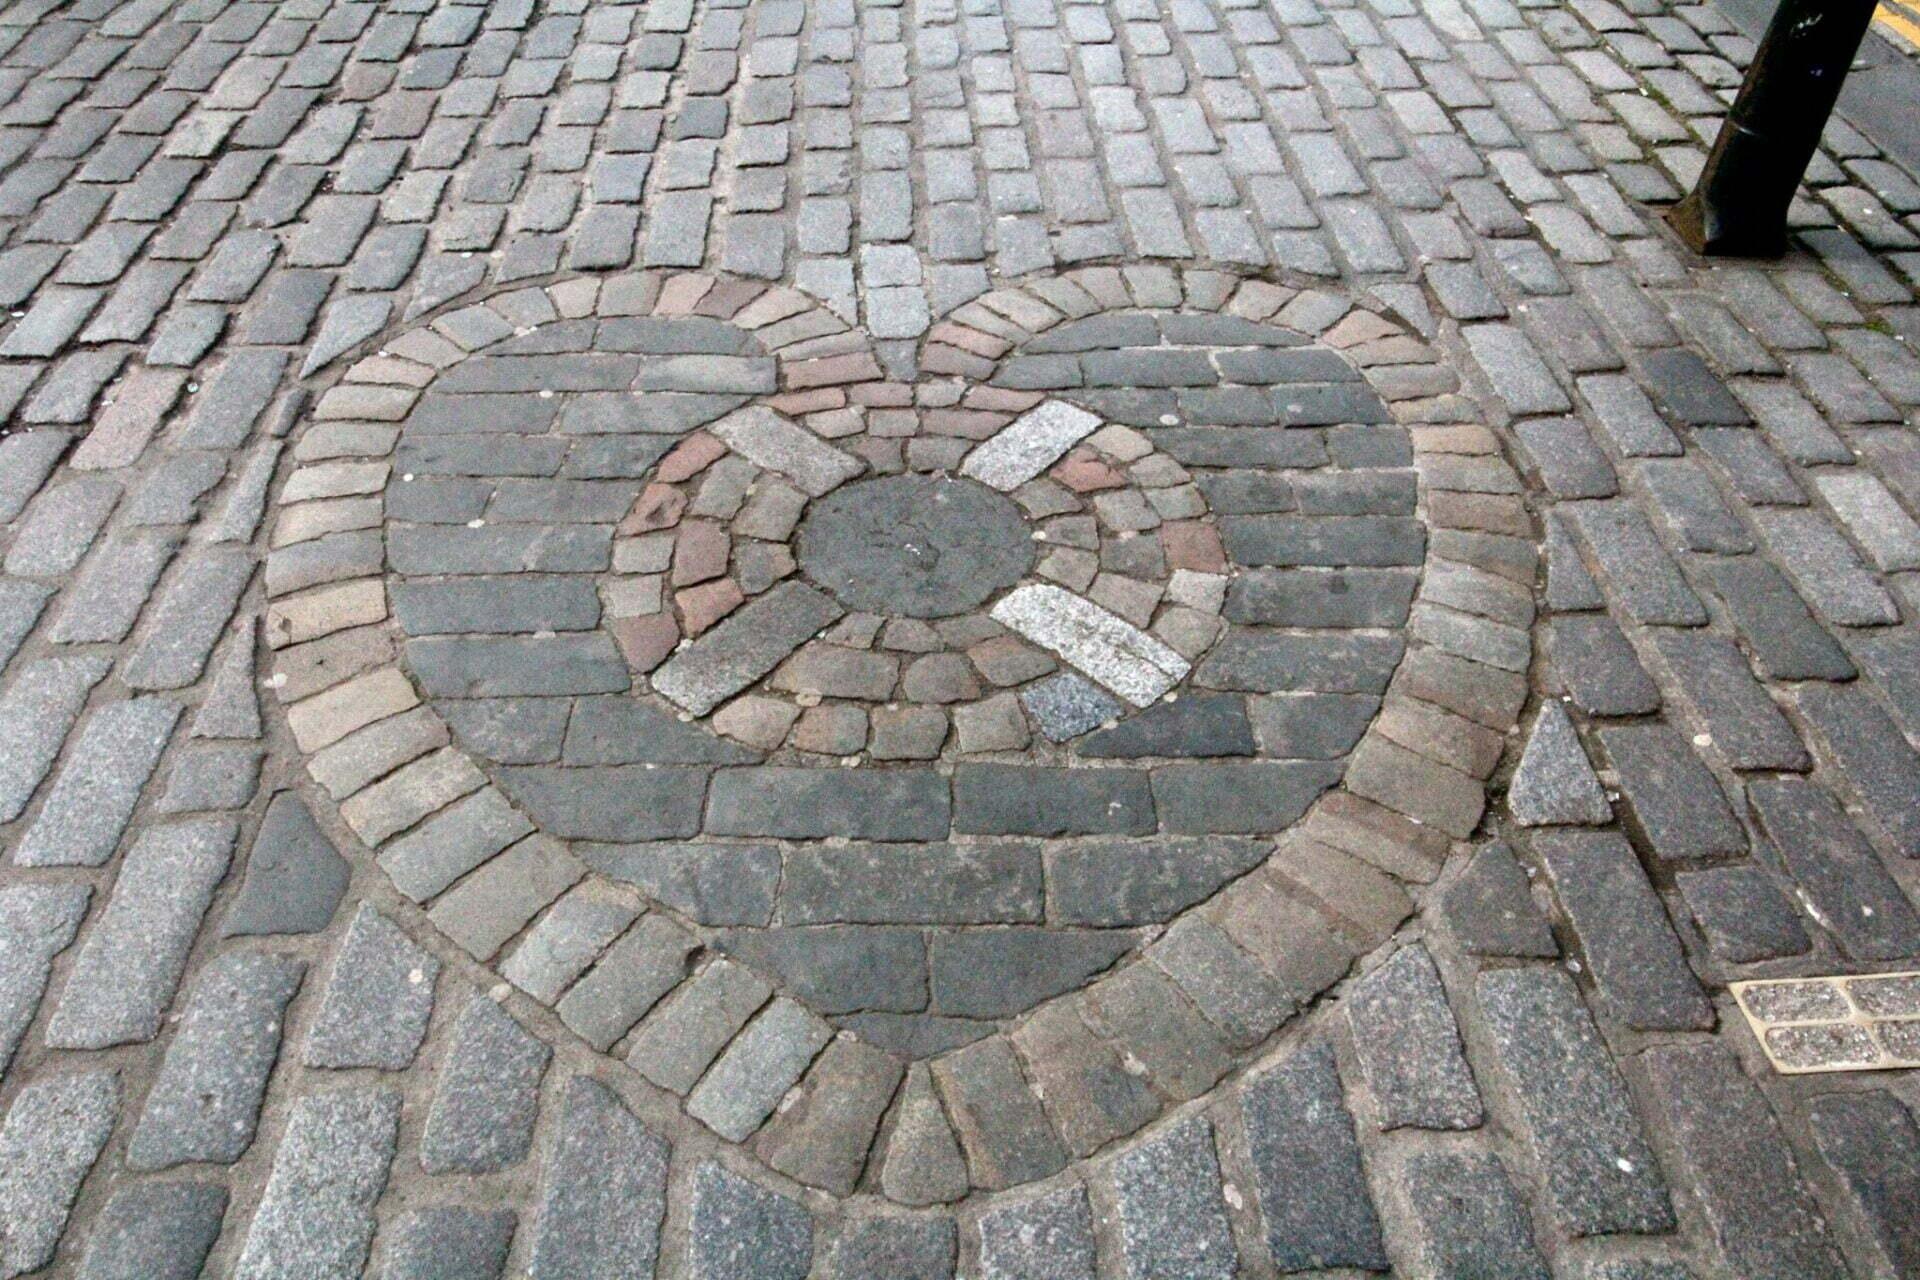 The Heart of Midlothian – quando cuore non significa amore